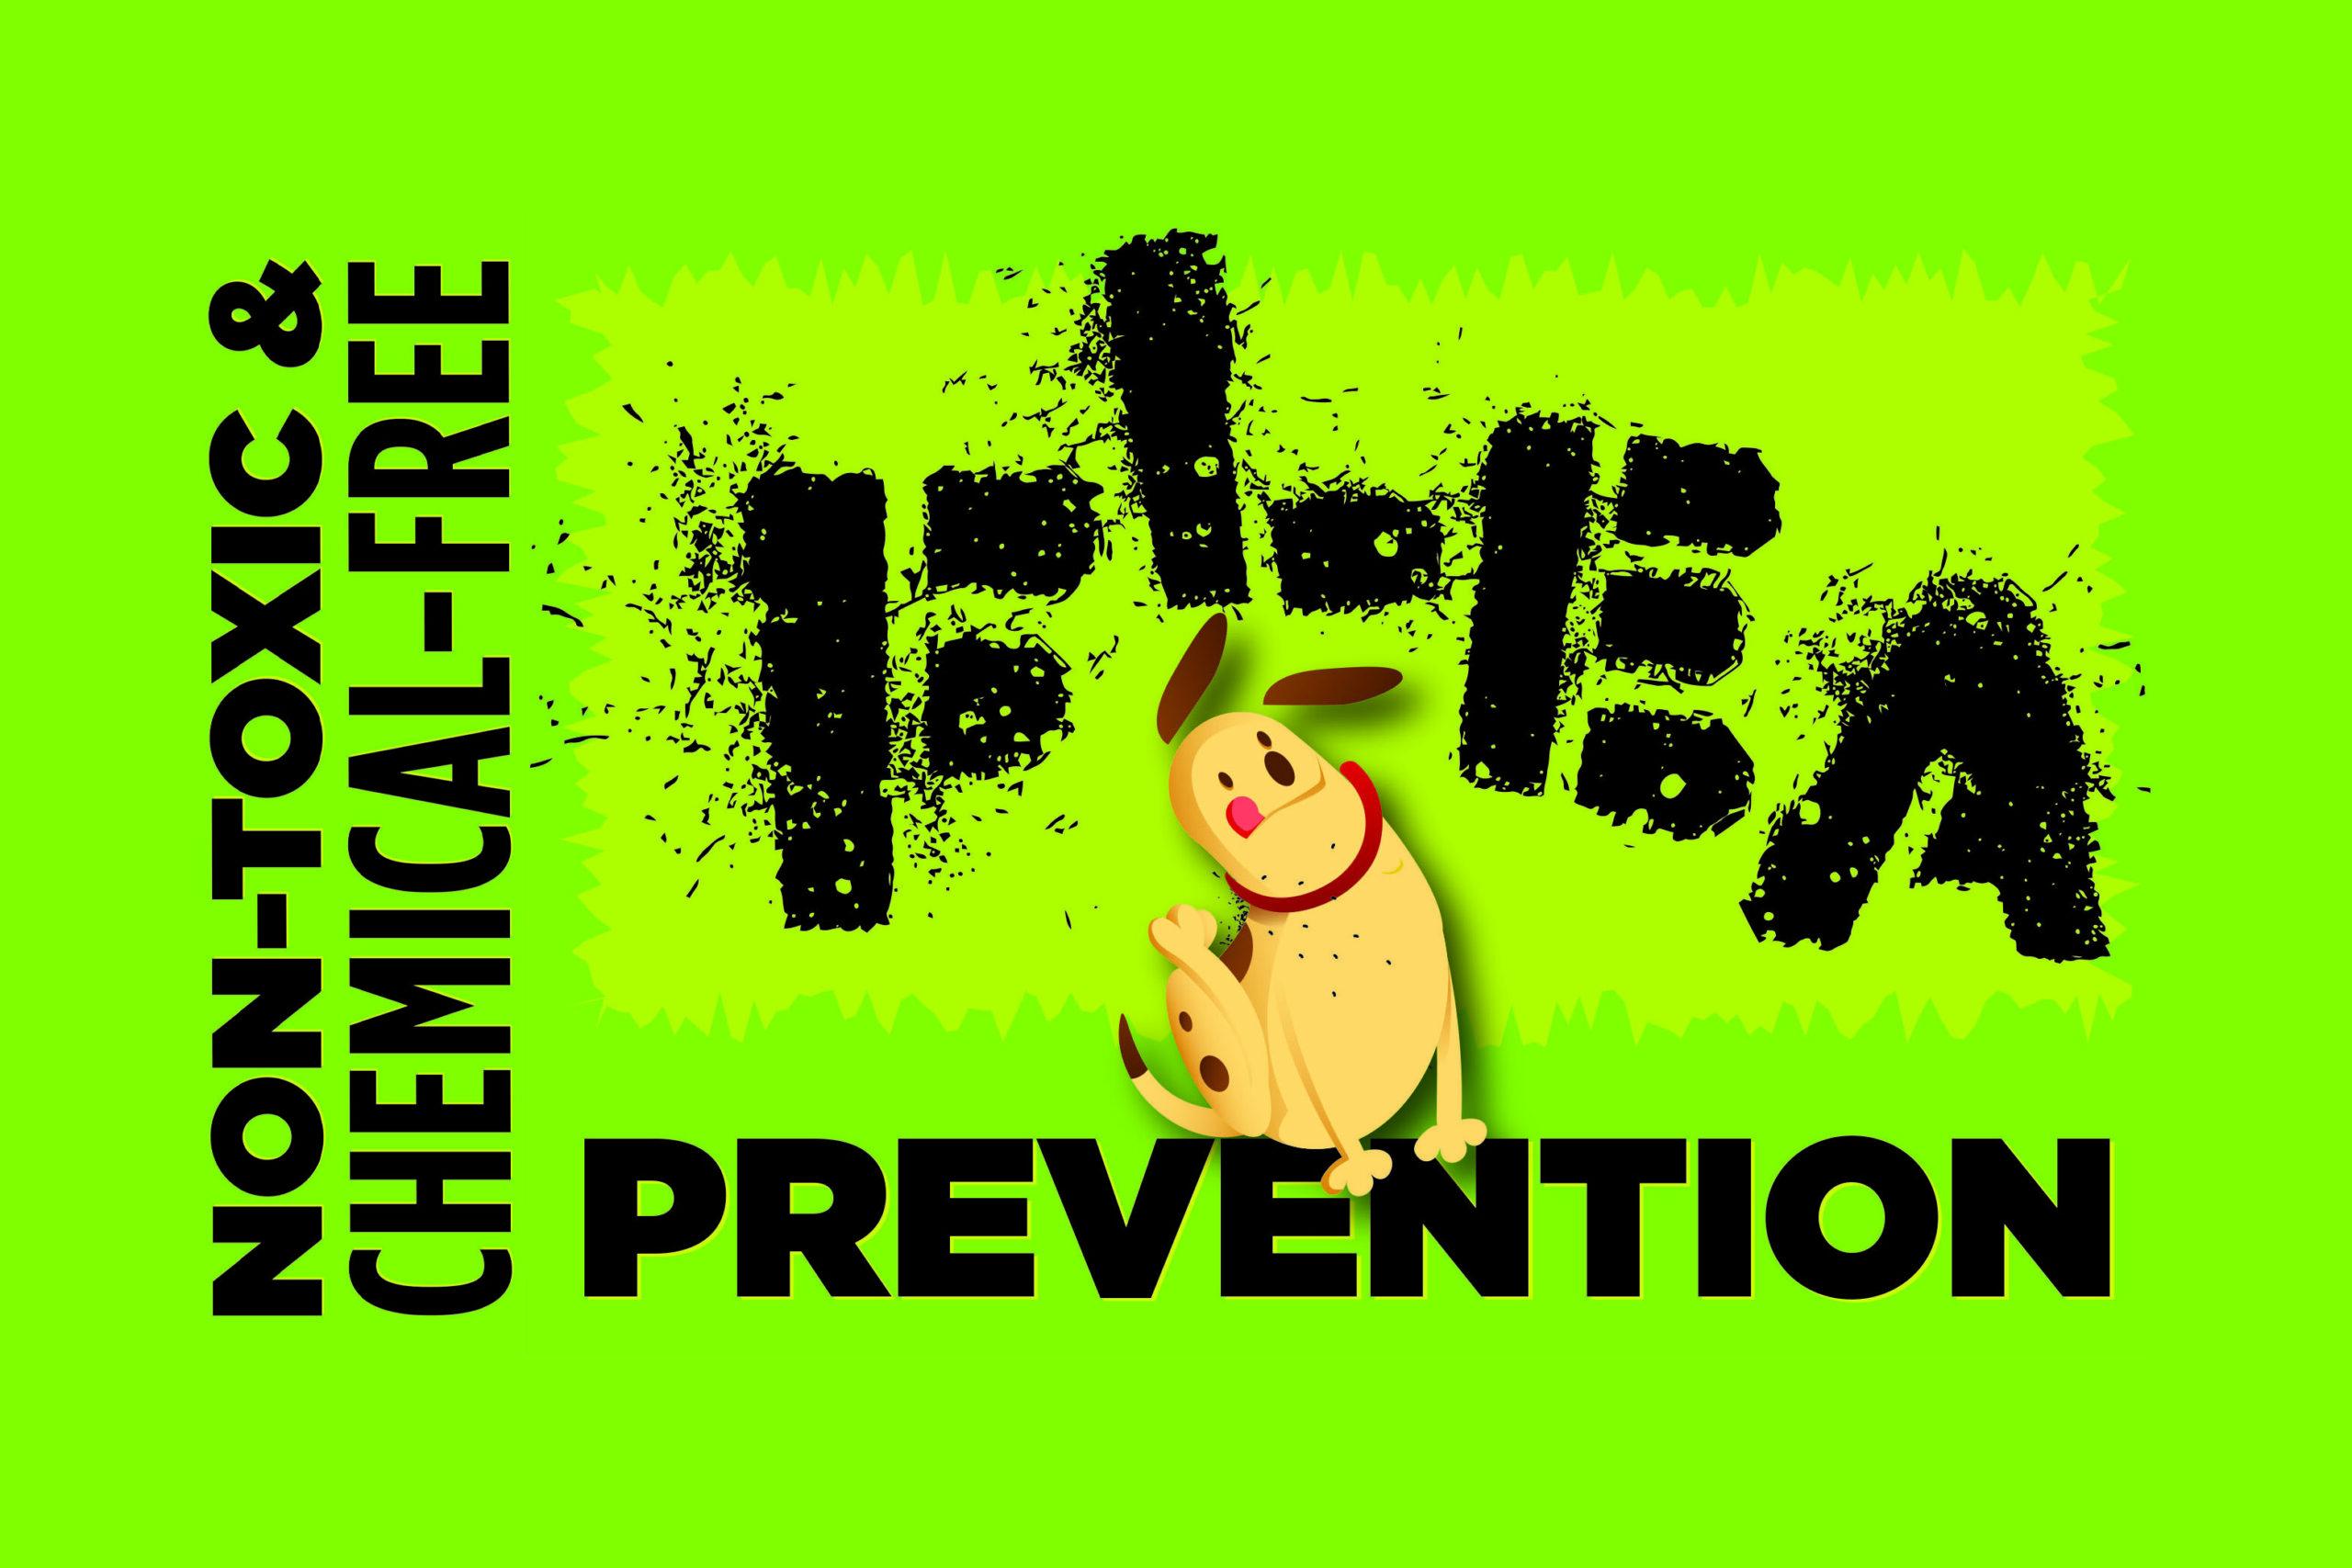 Nontoxic Flea Prevention